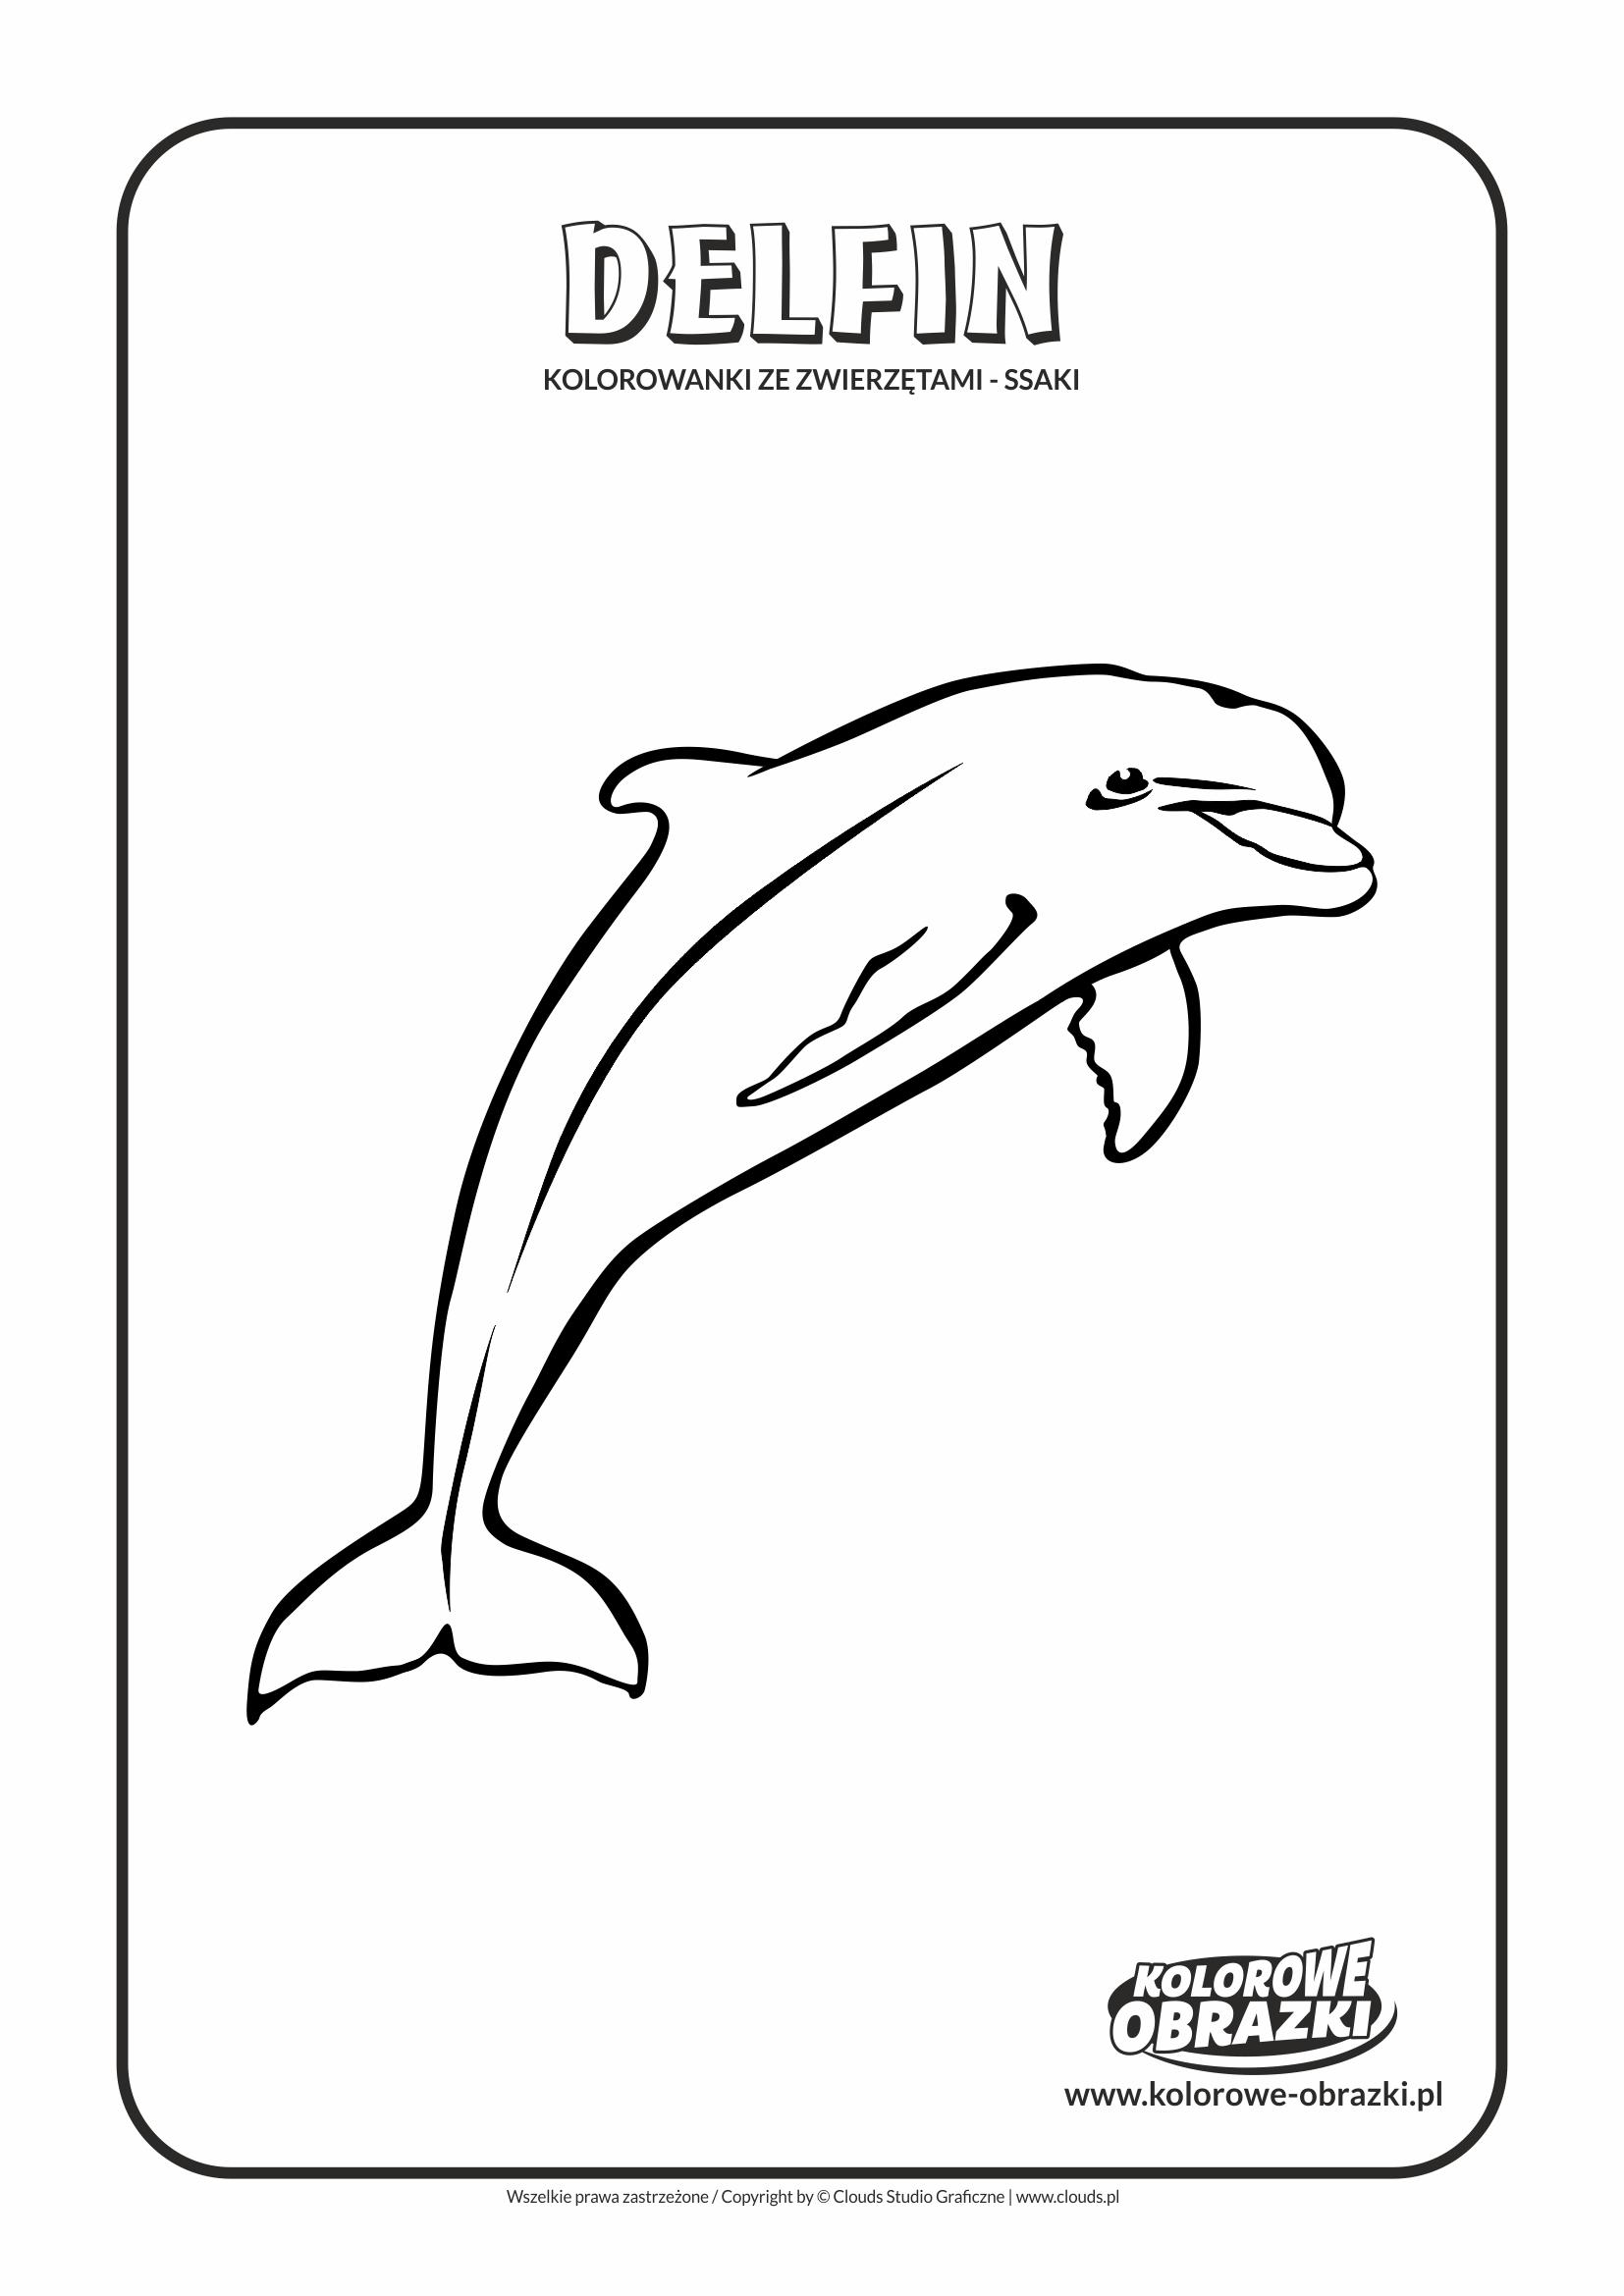 Kolorowanki dla dzieci - Zwierzęta / Delfin